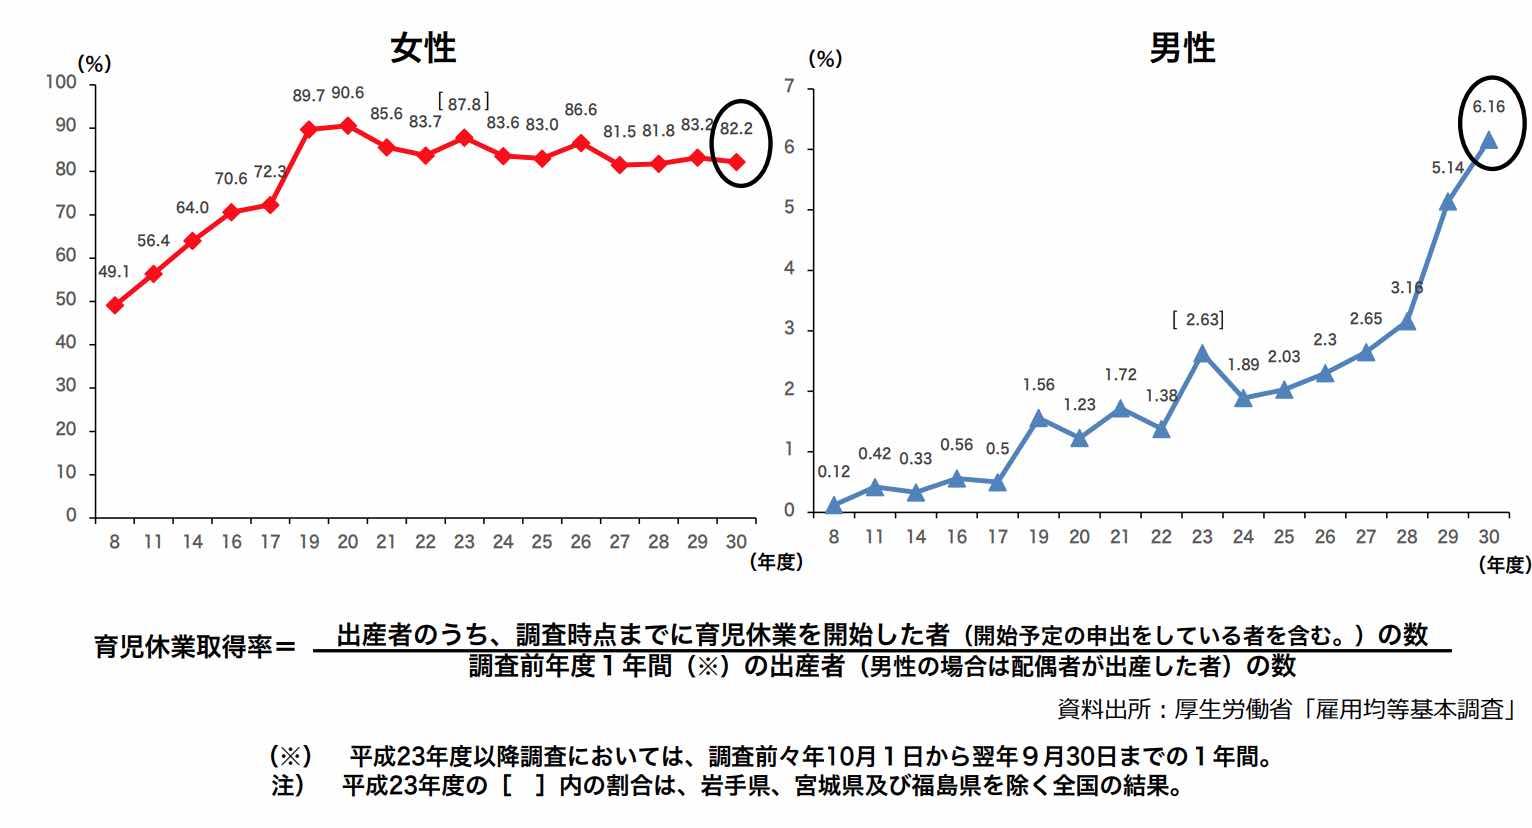 厚生労働省・平成30年度雇用均等基本調査(速報版)